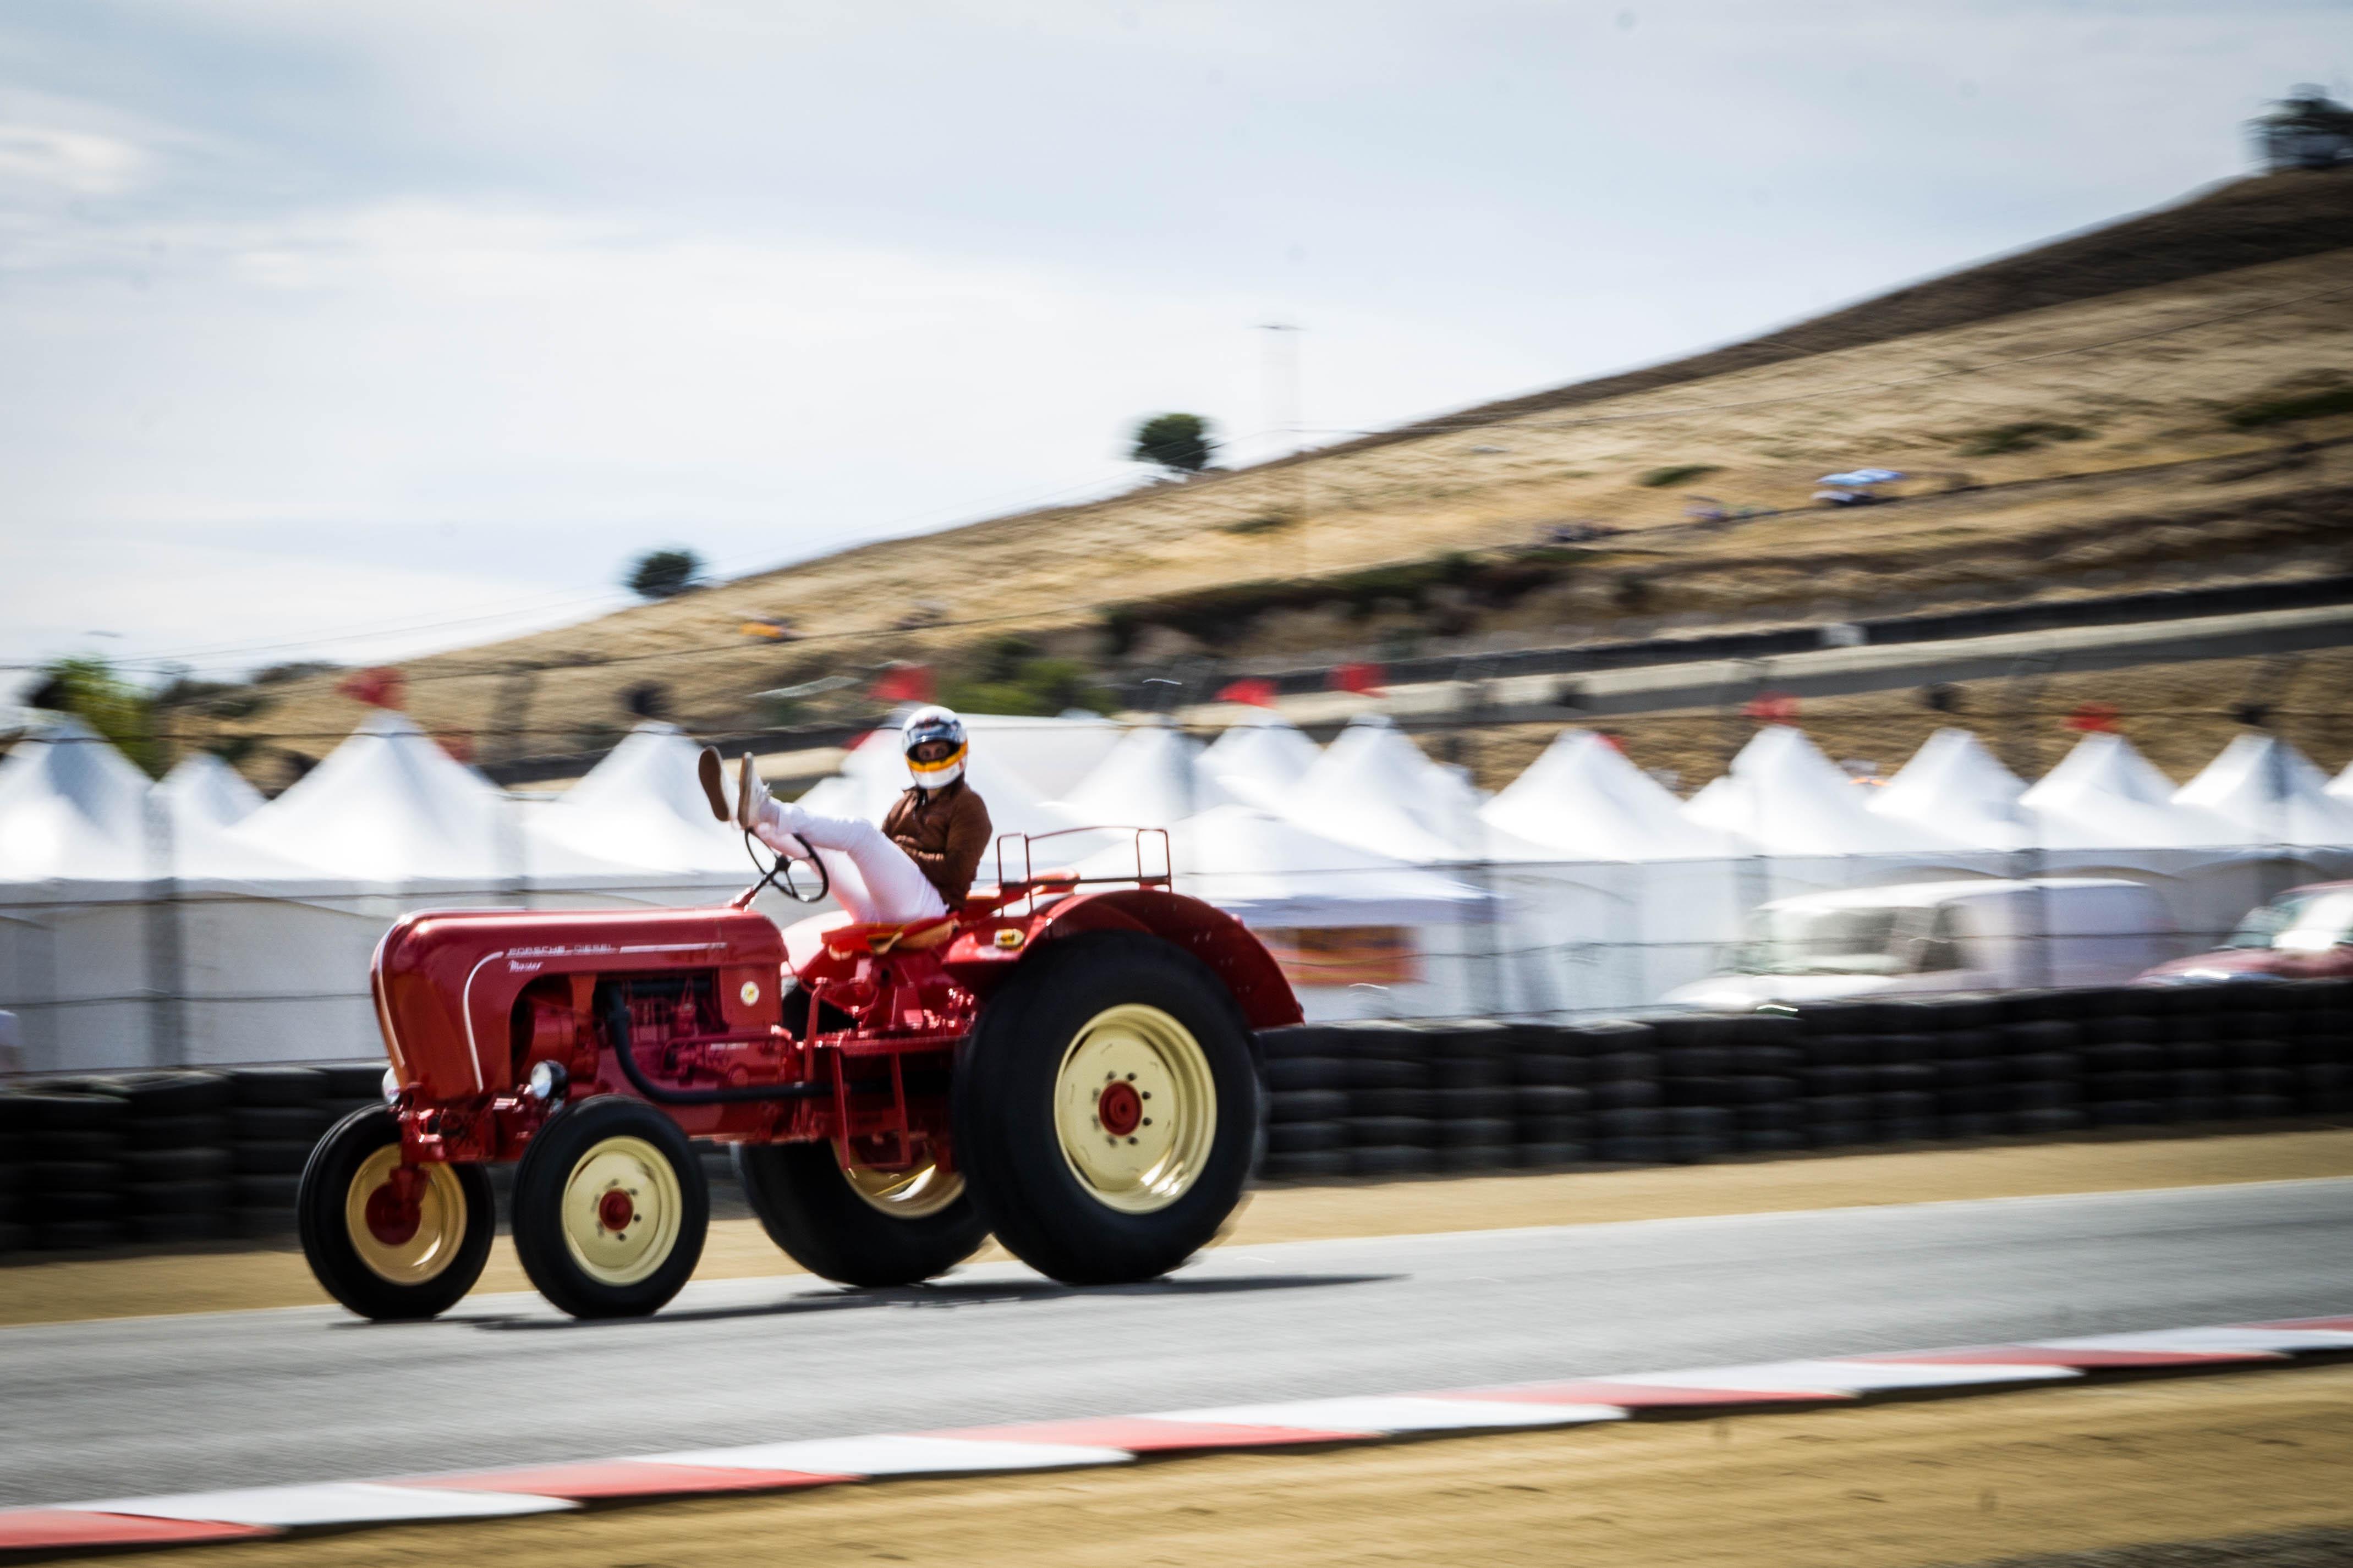 porsche tractor race feet up